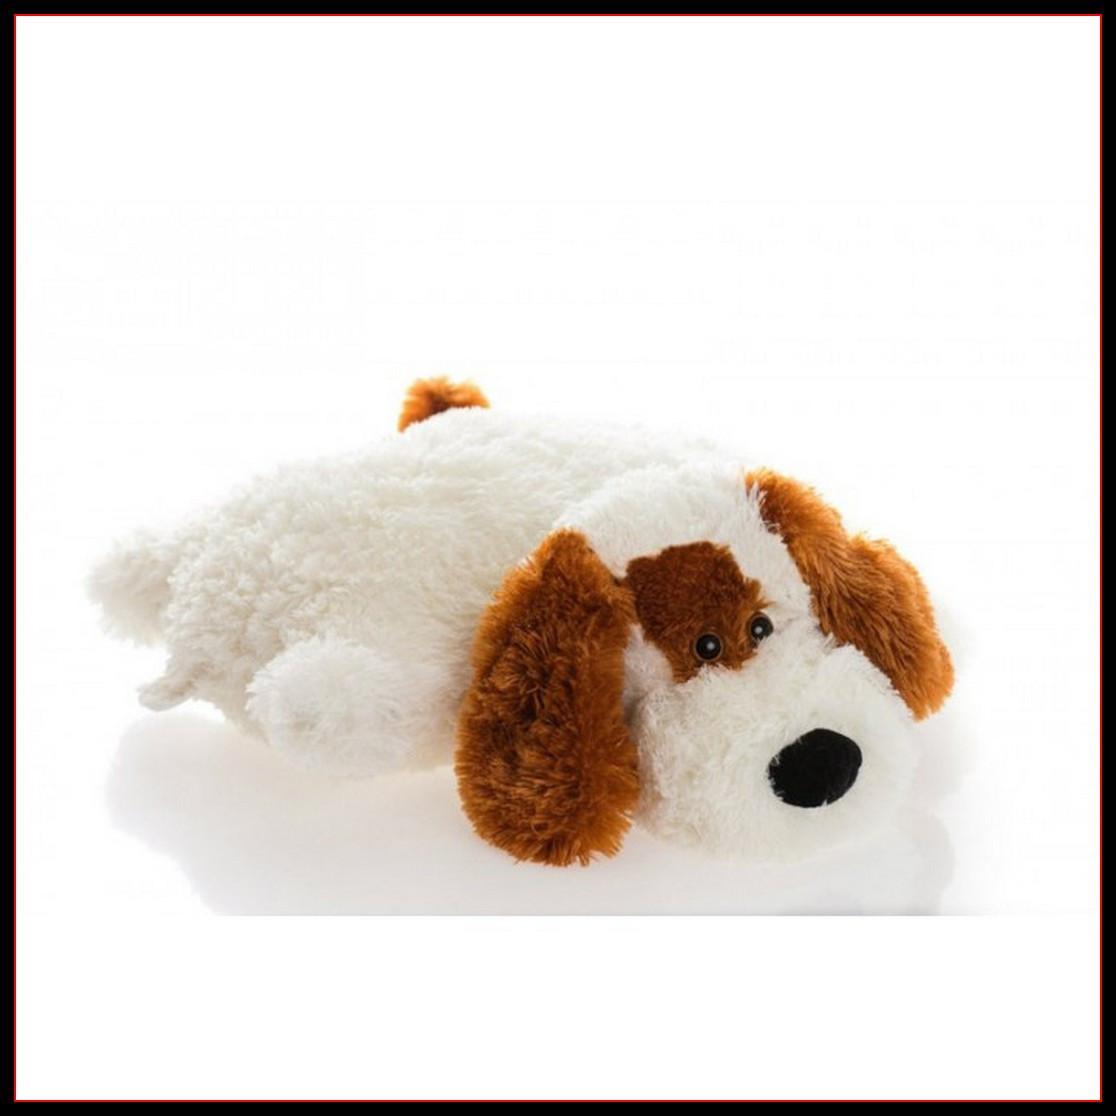 Декоративная детская подушка мягкая игрушка собачка белый 45 см